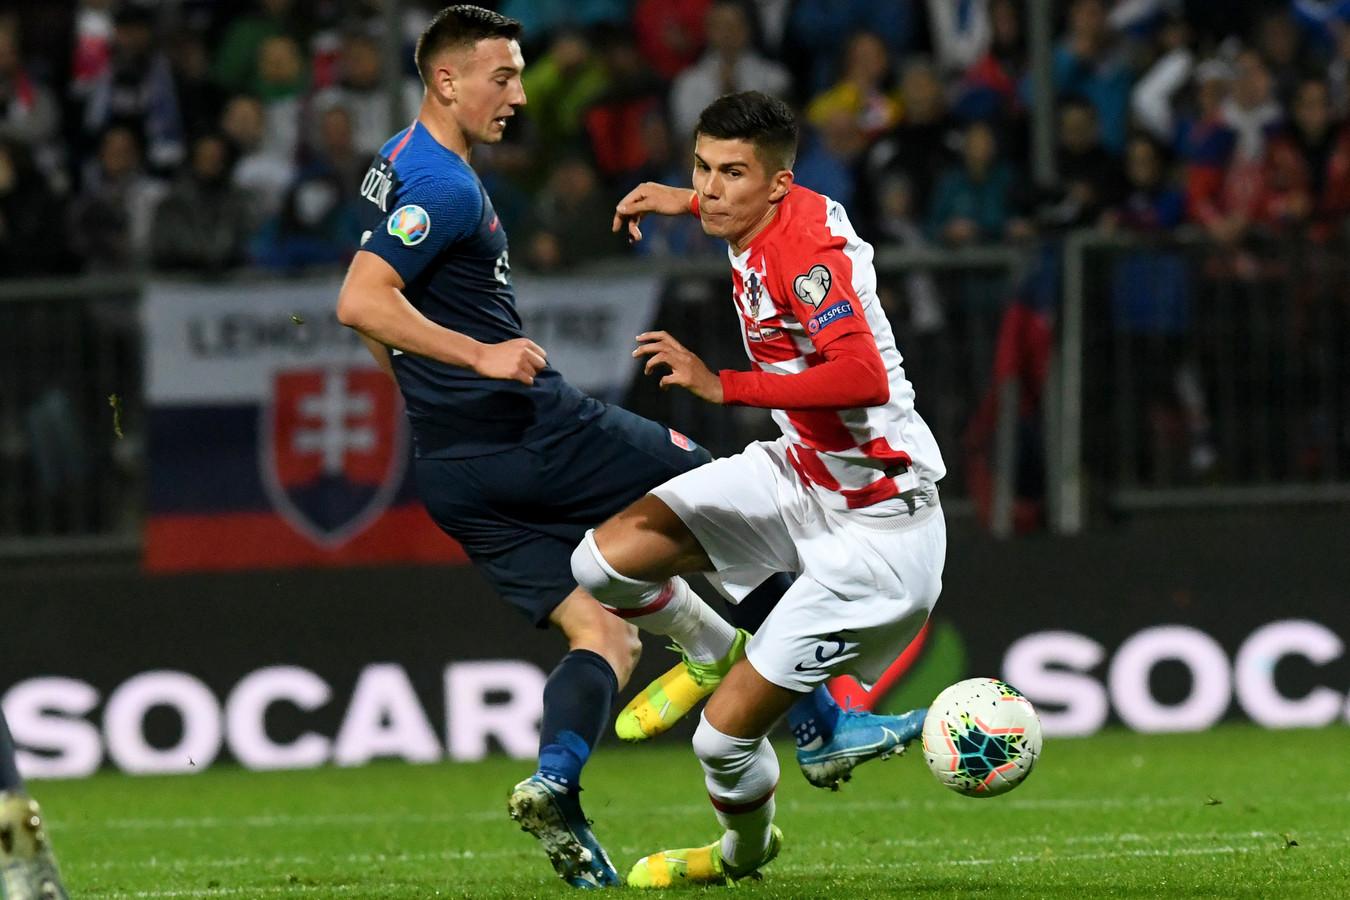 Robert Bozenik (l) namens Slowakije in duel met de Kroaat Dino Peric.